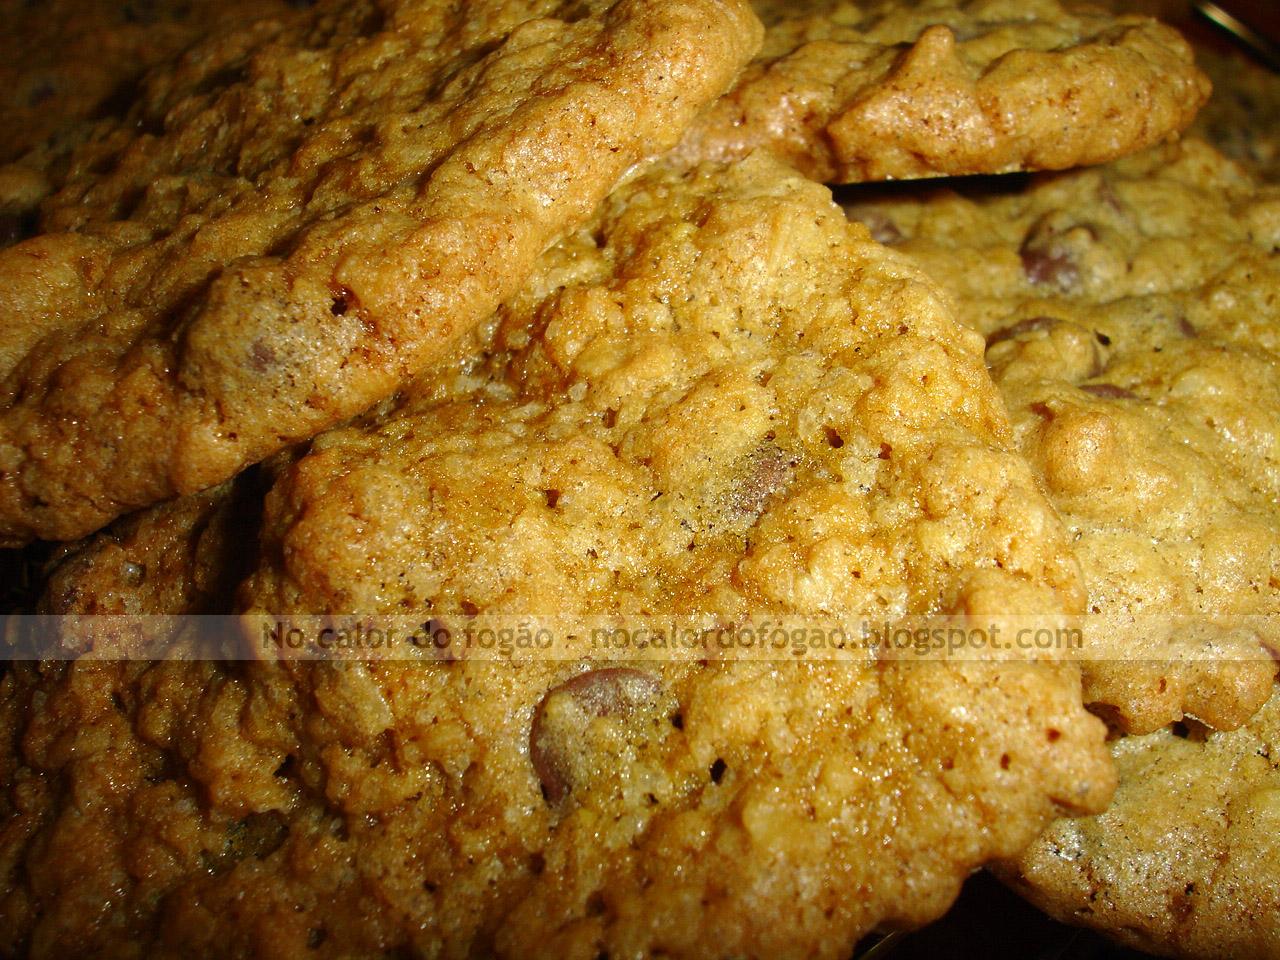 Cookies de aveia, gotas de chocolate e macadâmia